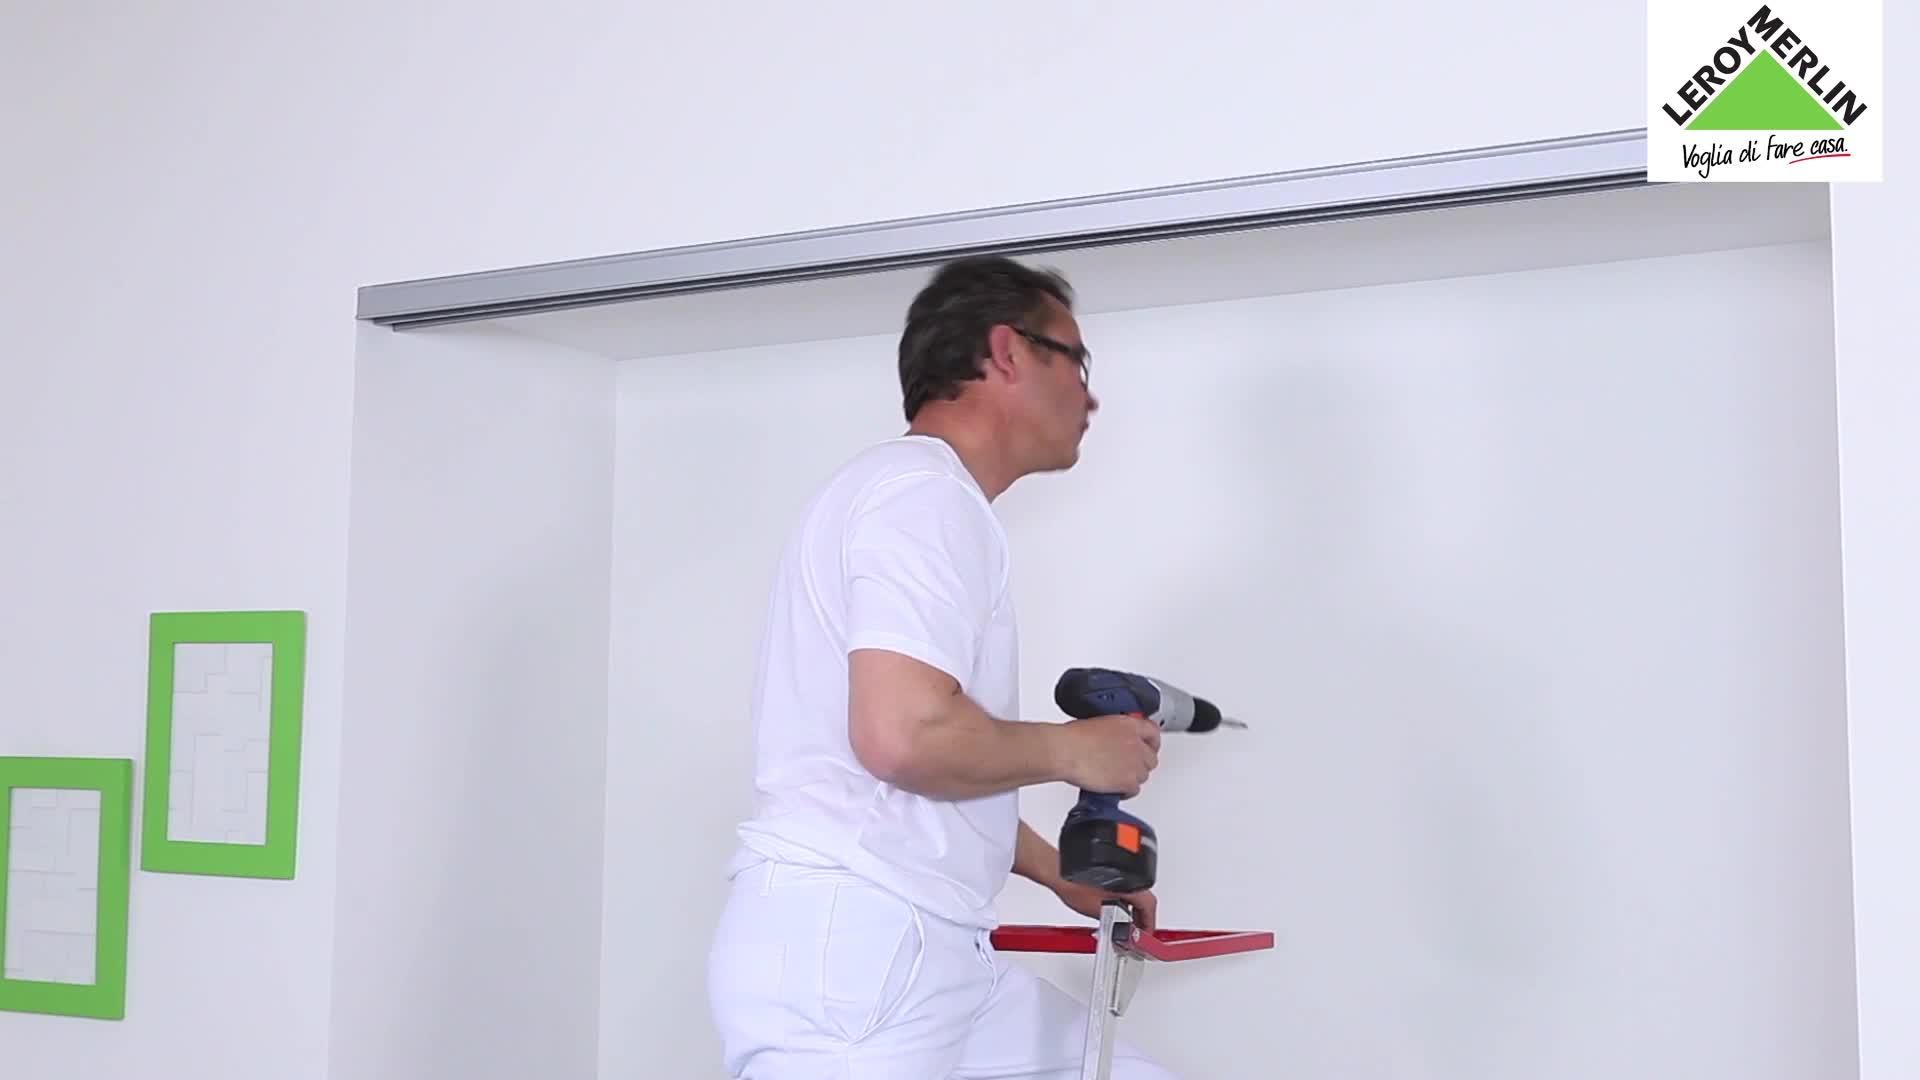 Come Costruire Un Armadio A Muro Con Ante Scorrevoli.Come Creare Una Cabina Armadio Fai Da Te Free Cool Armadio Per